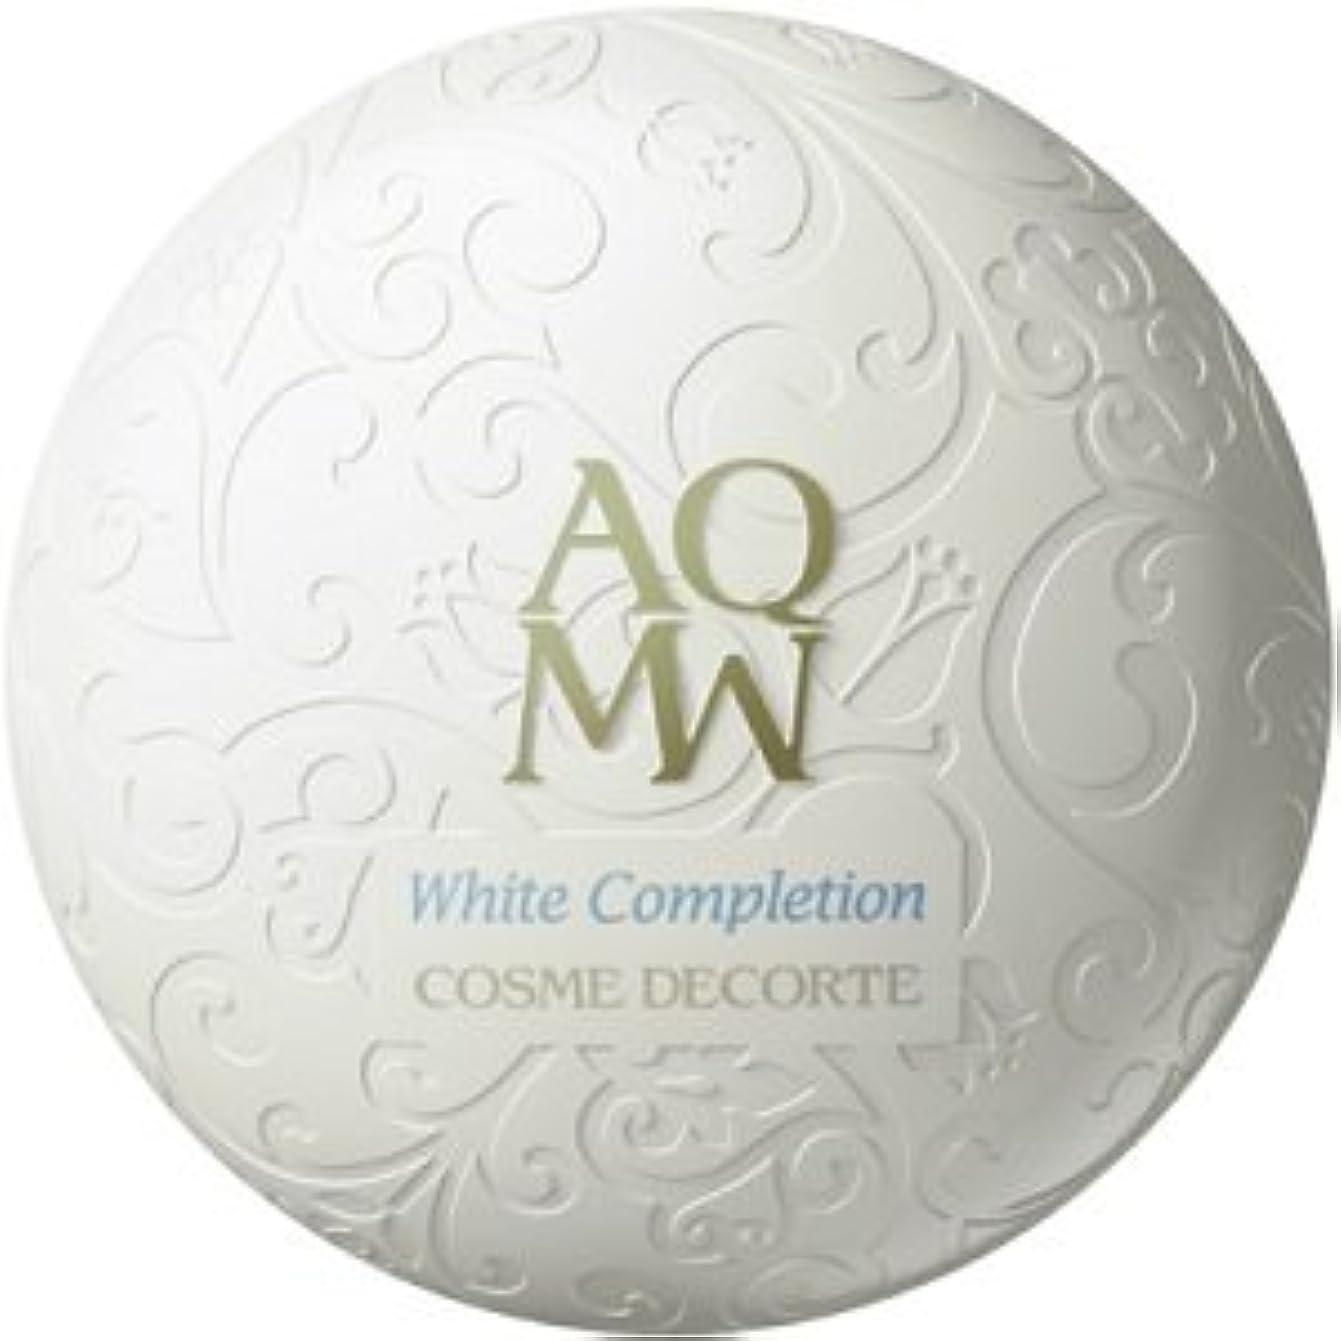 再編成する矛盾するレイコスメデコルテ AQMW ホワイトコンプリーション 25g